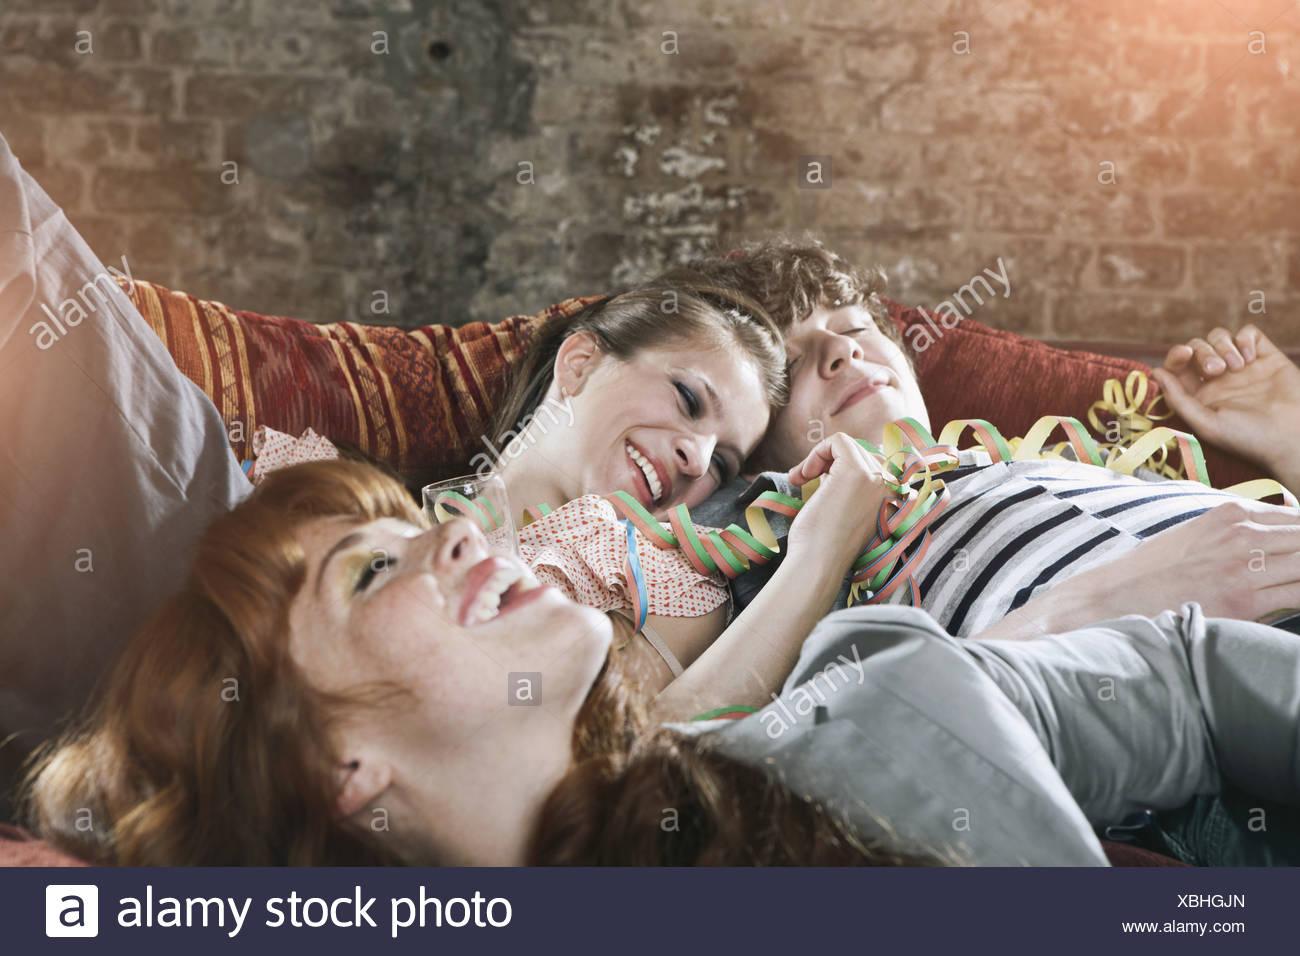 Germania, Berlino, Close up di giovani uomini e donne rilassante sul lettino, sorridente Immagini Stock